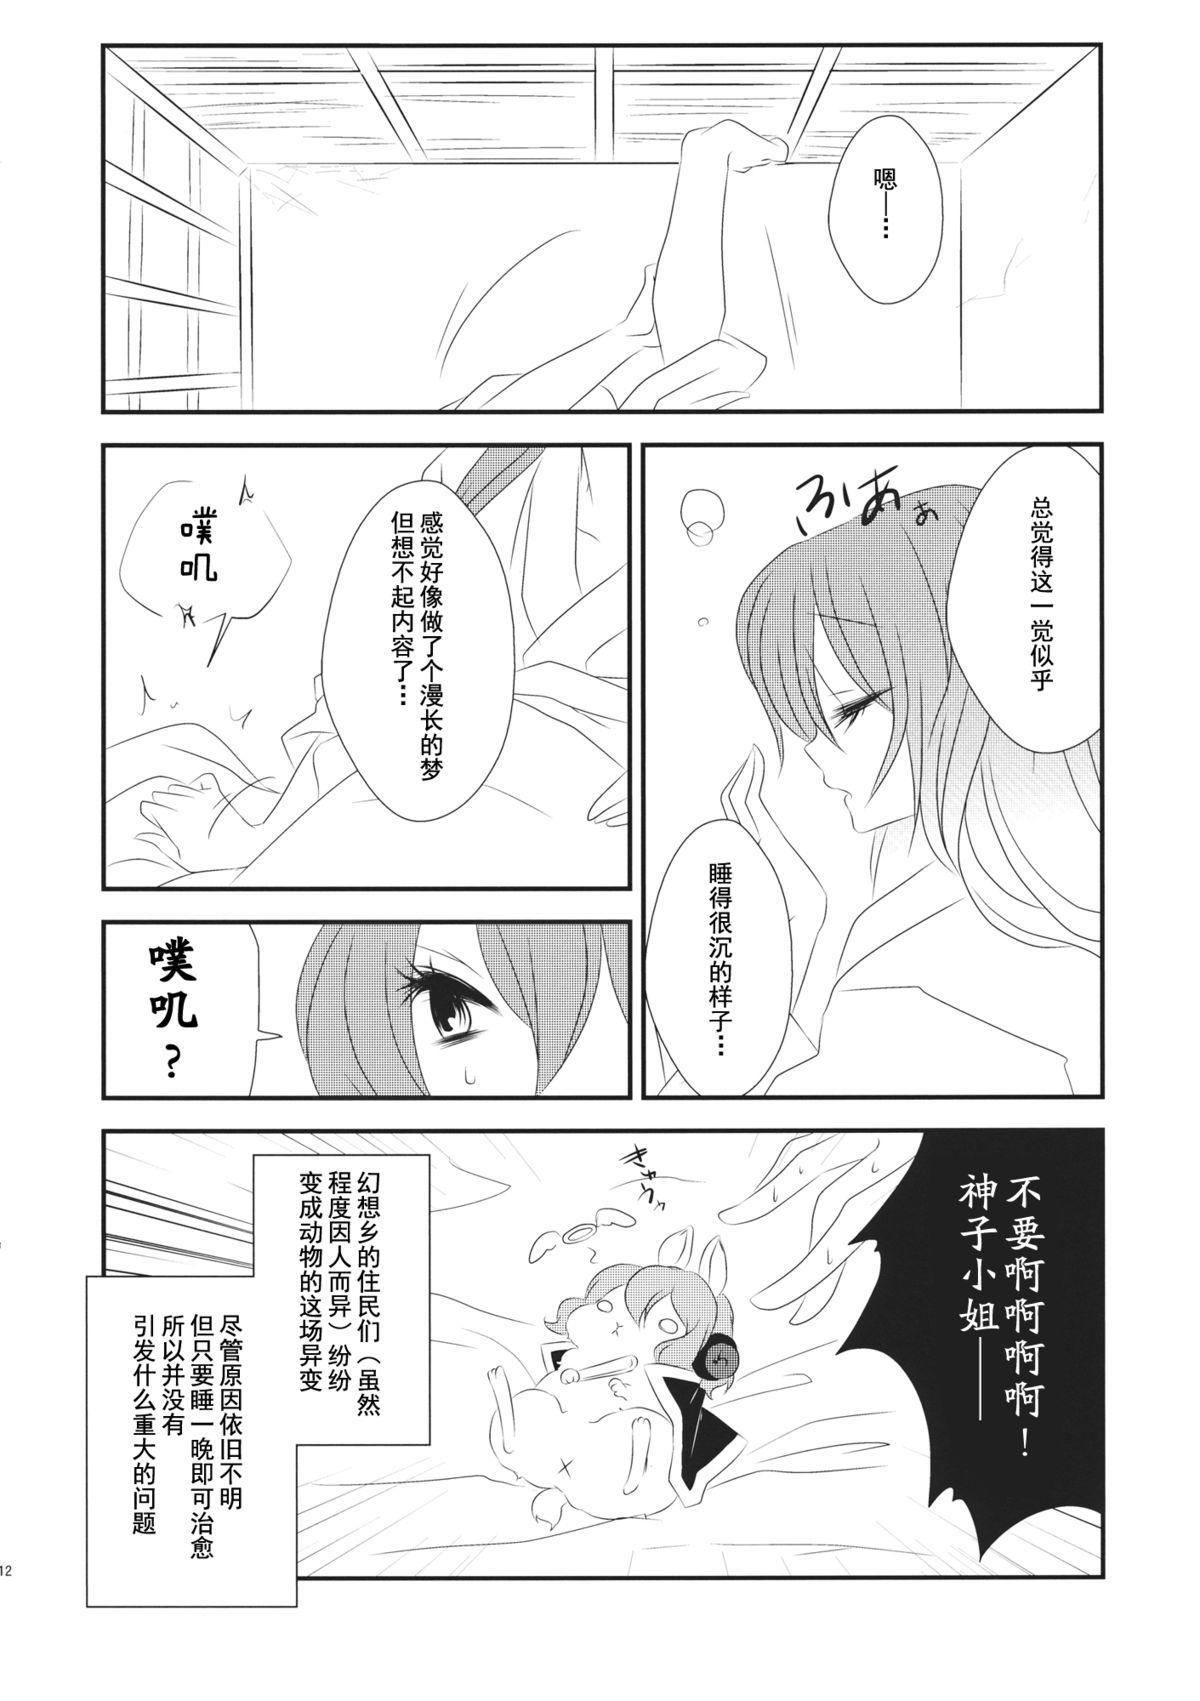 Hatsujou Usagi no Shitsukekata 13